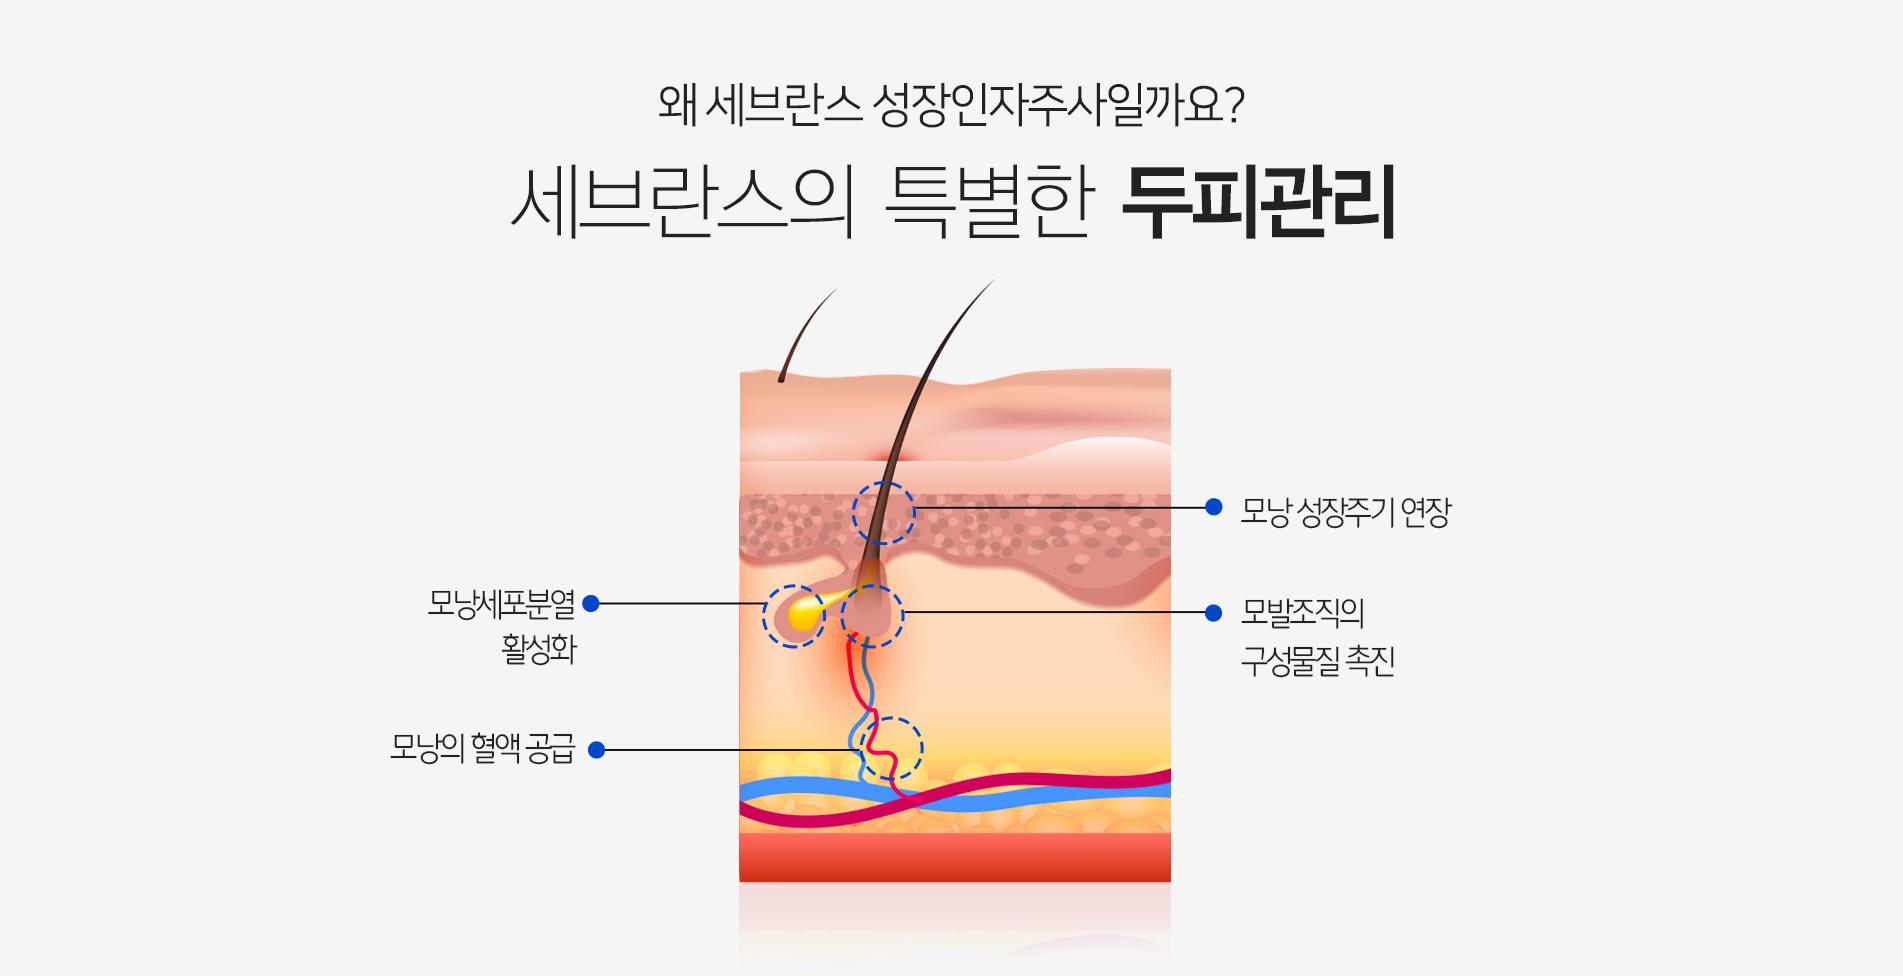 왜 세브란스 성장인자주사일까요? 세브란스의 특별한 두피관리 모낭세포분열 활성화 모낭의 혈액공급 모낭 성장주기 연장 모발조직의 구성물질 촉진